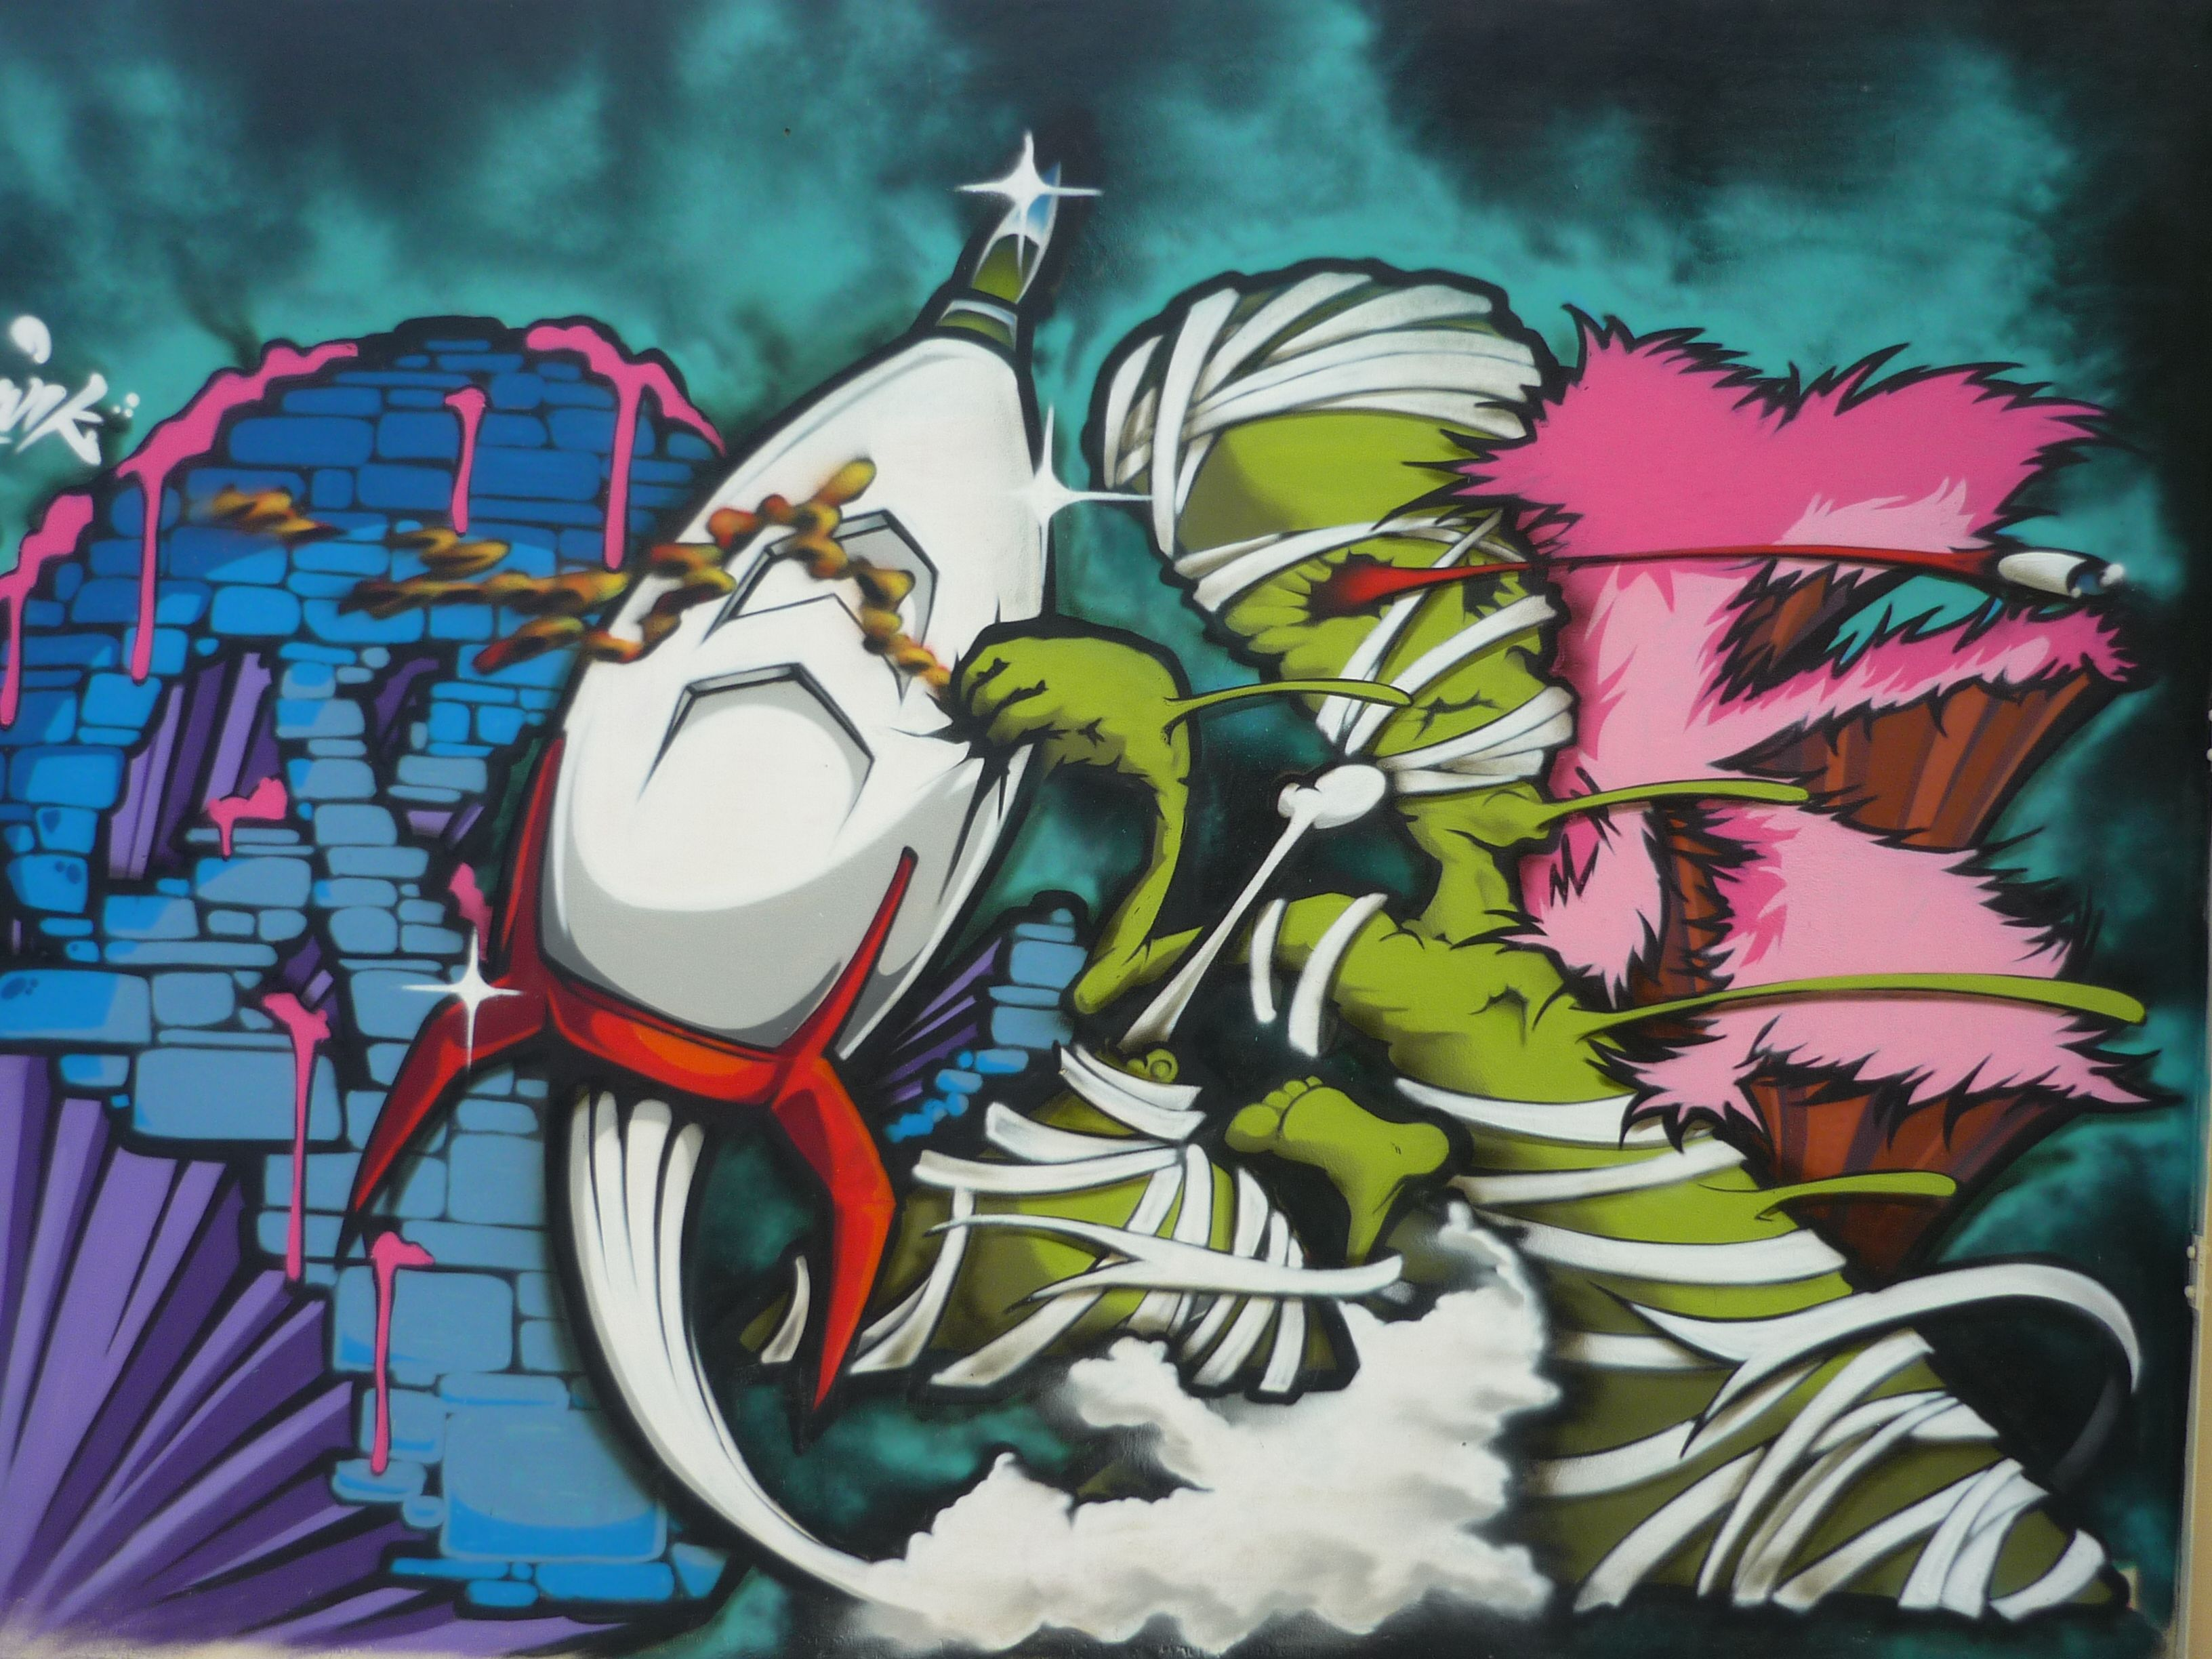 Sane - Graffiti - Tigre – Buenos Aires « Bash Trent – Zapatillas personalizadas – Describe tu personalidad